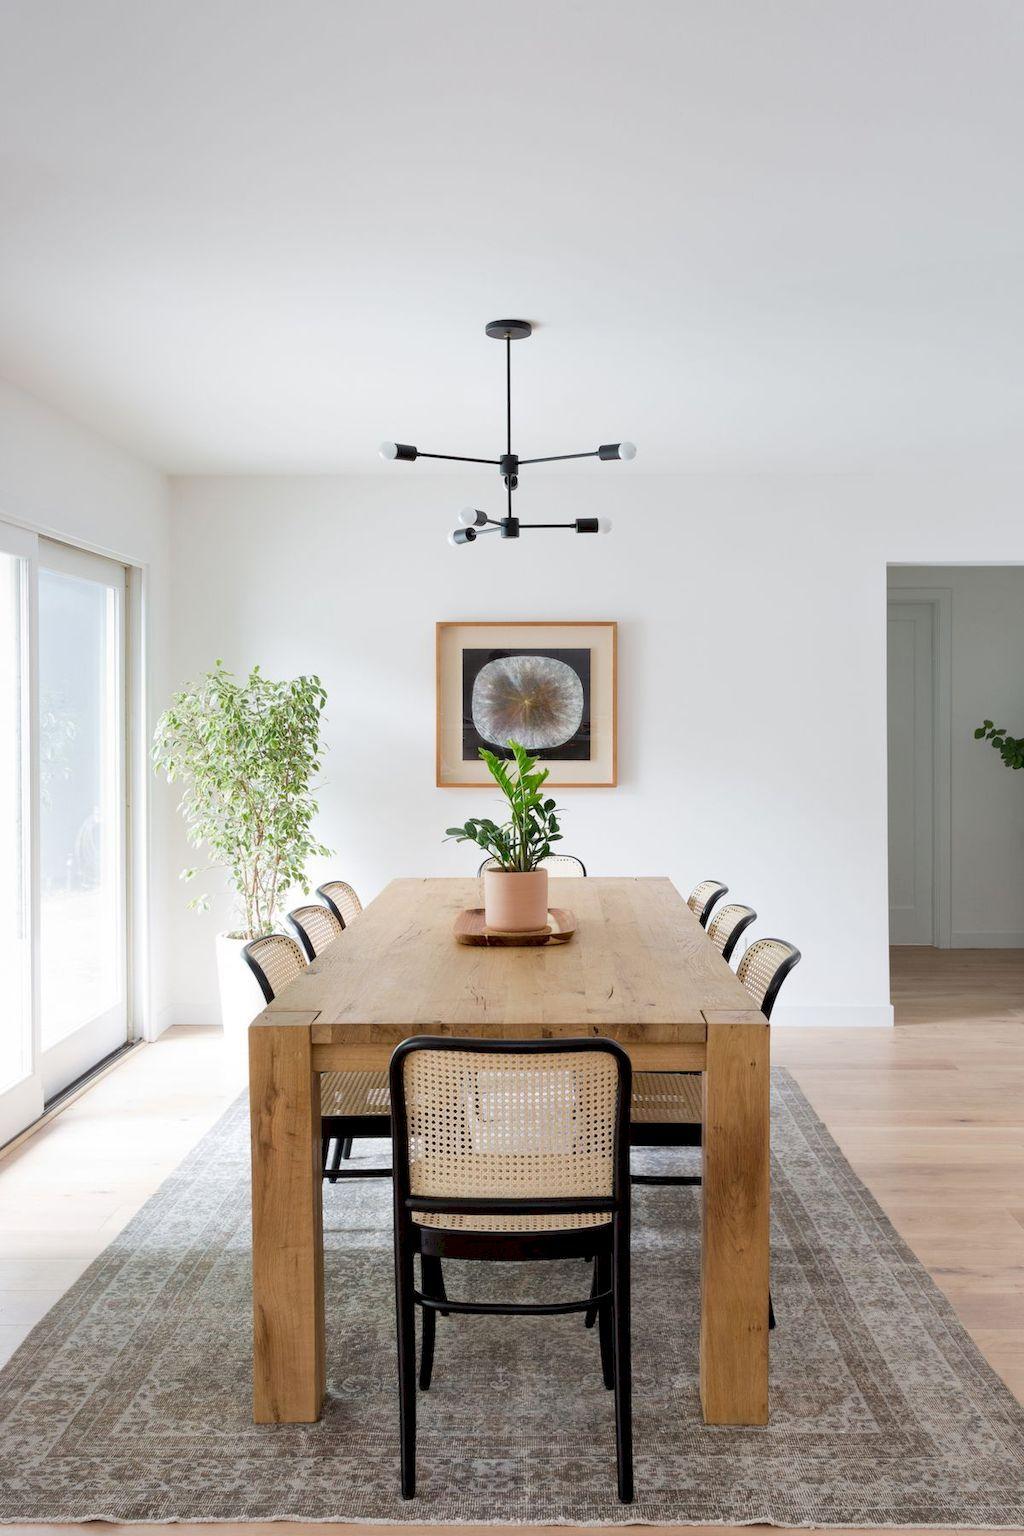 70 Farmhouse Dining Room Table Decor Ideas